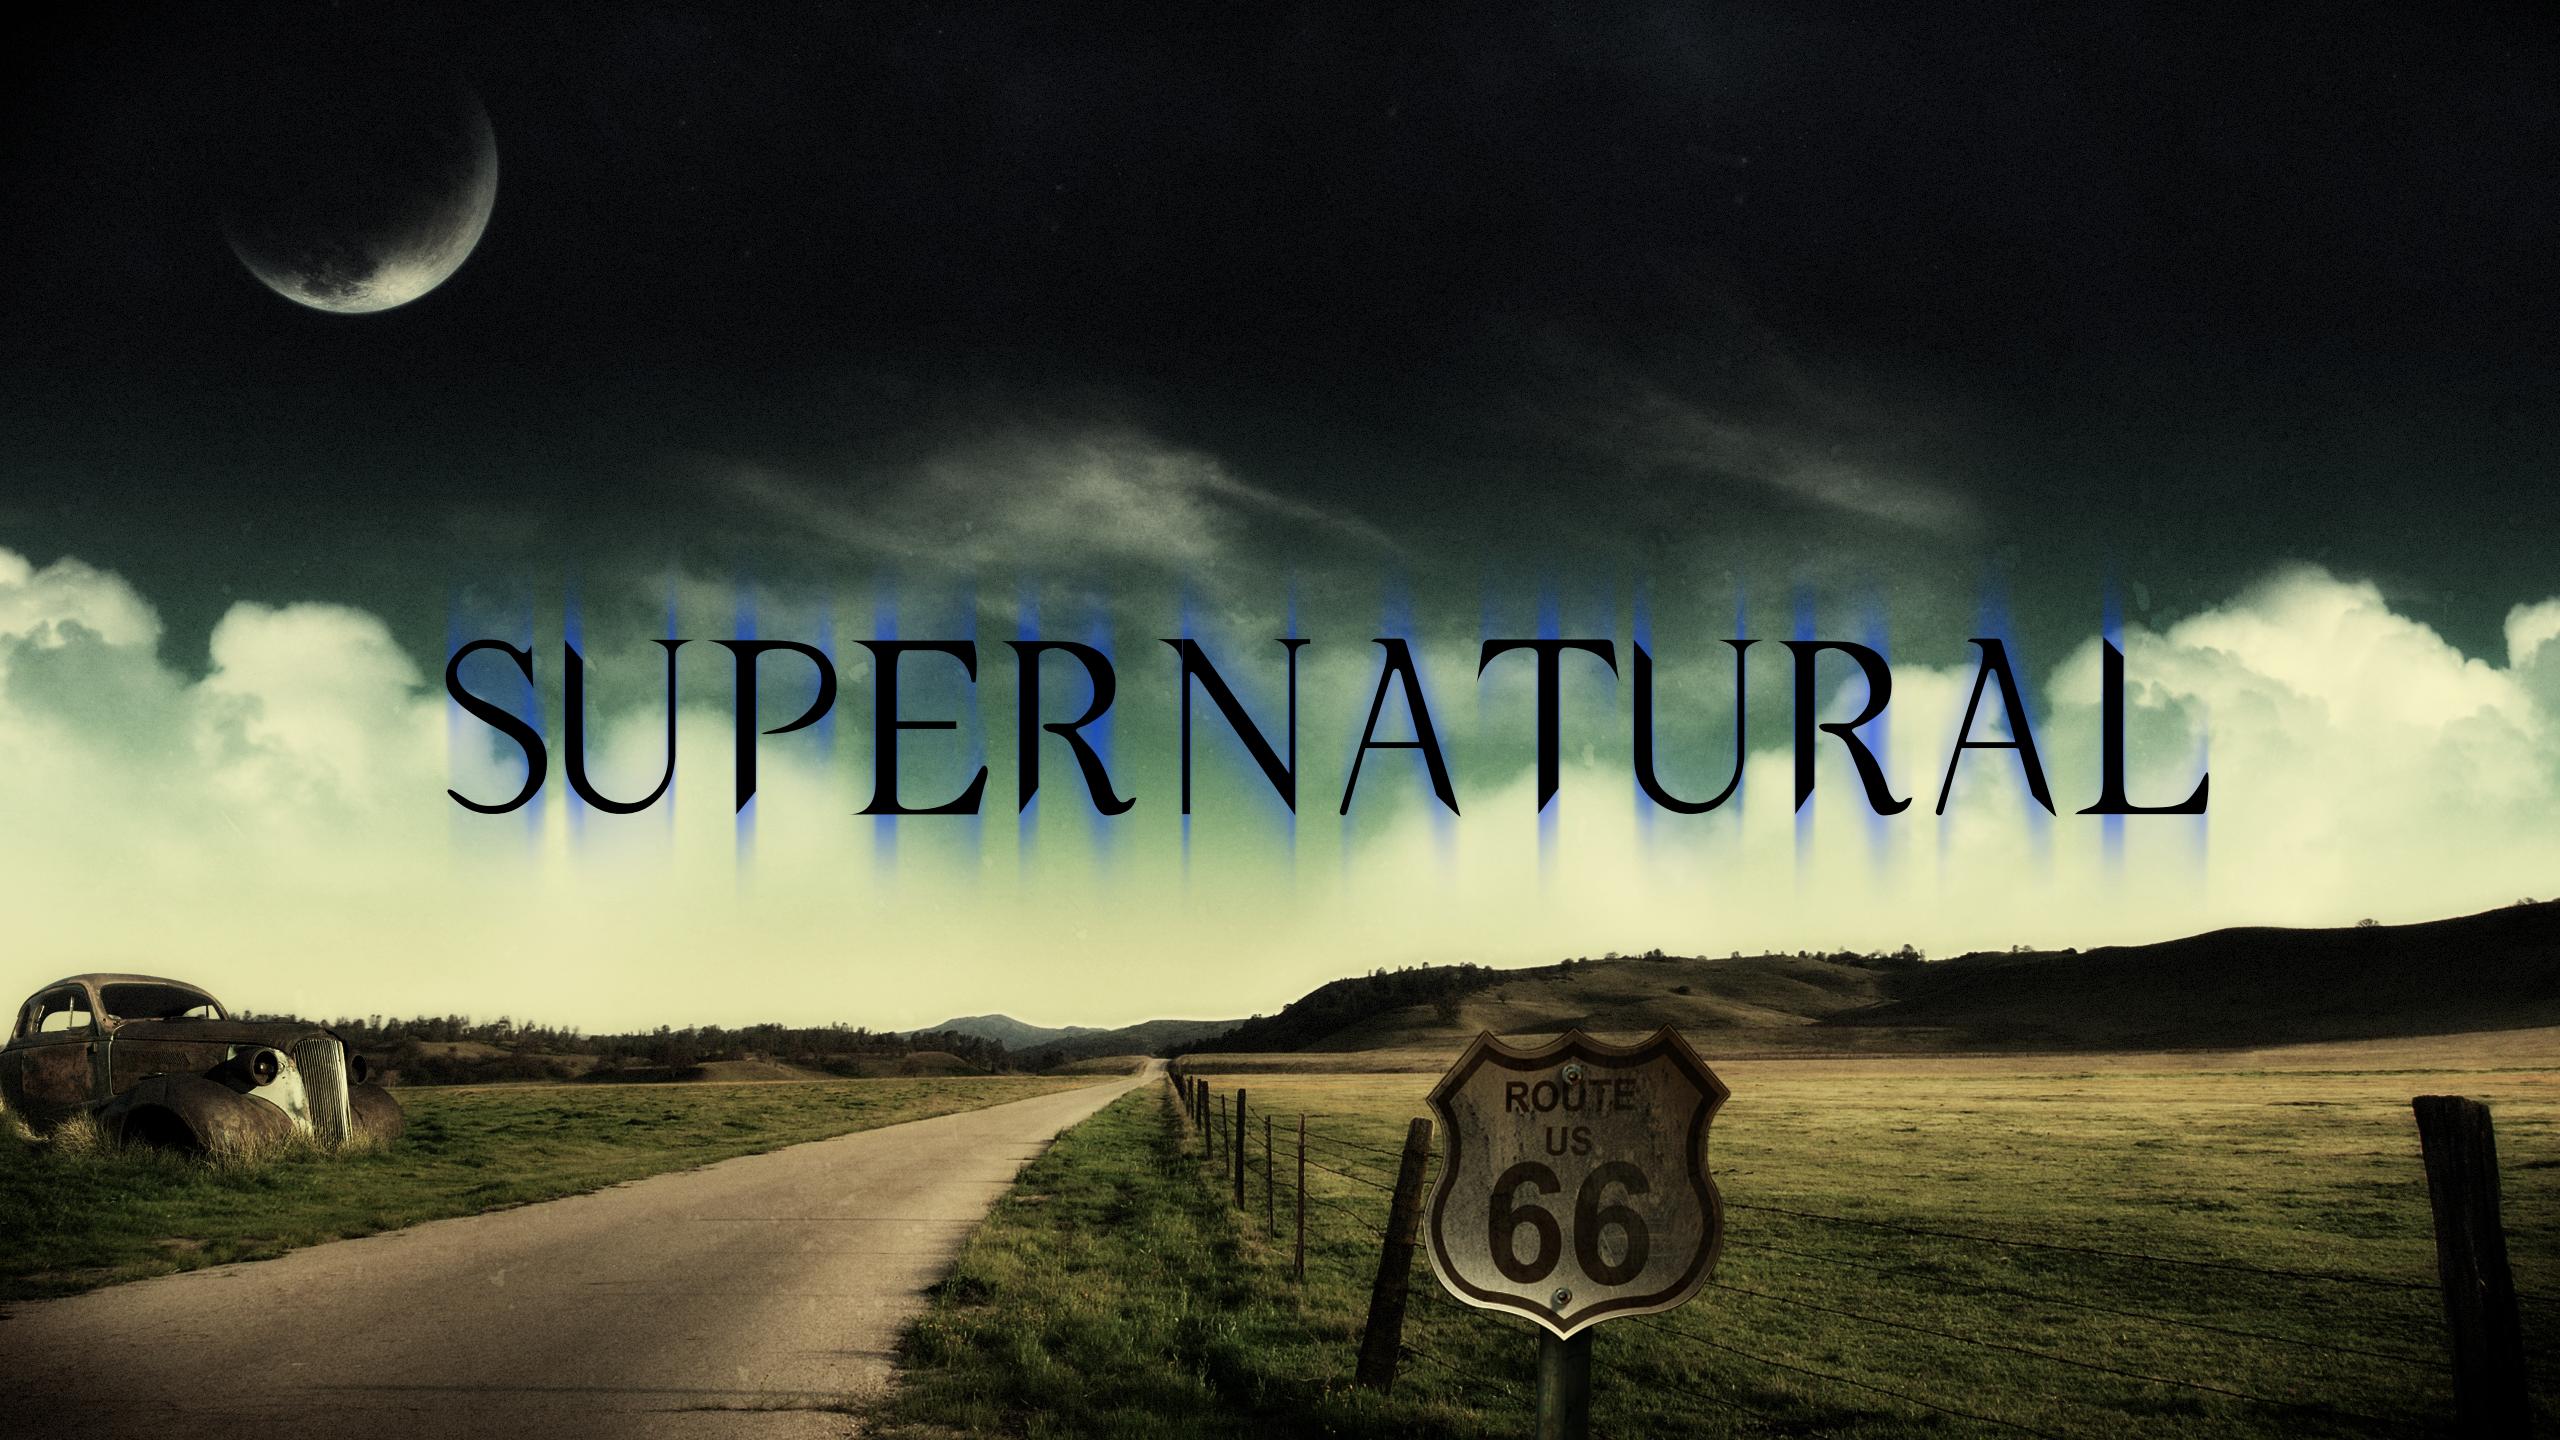 Simple Wallpaper Logo Supernatural - 07674bd133e5fcab13c59ff6a7f17c9c  Trends_895677.png